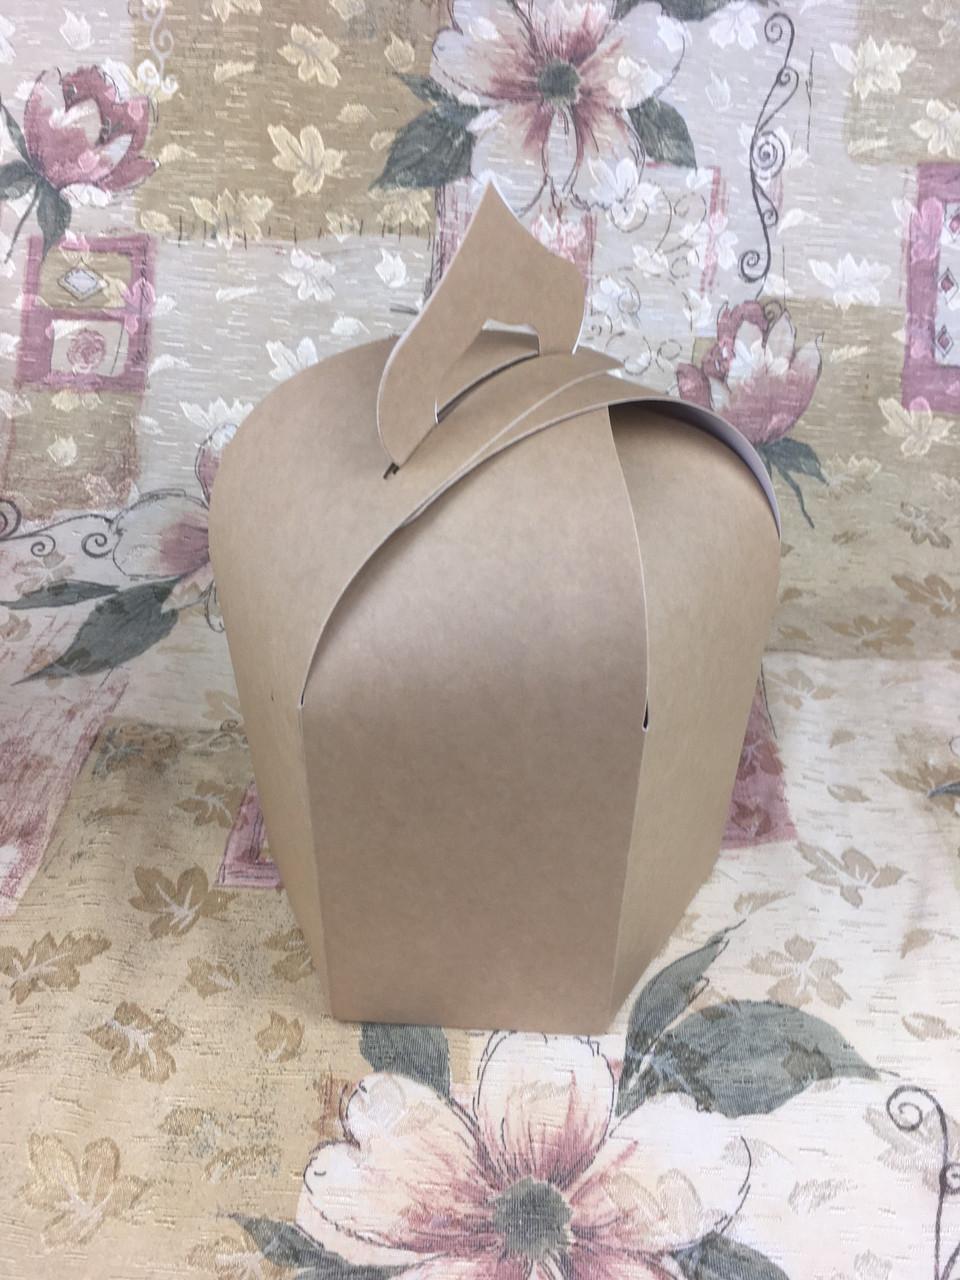 Упаковка для пасхи / 165х165х200 мм / Коробка для кулича / Больш / Крафт / Пасха